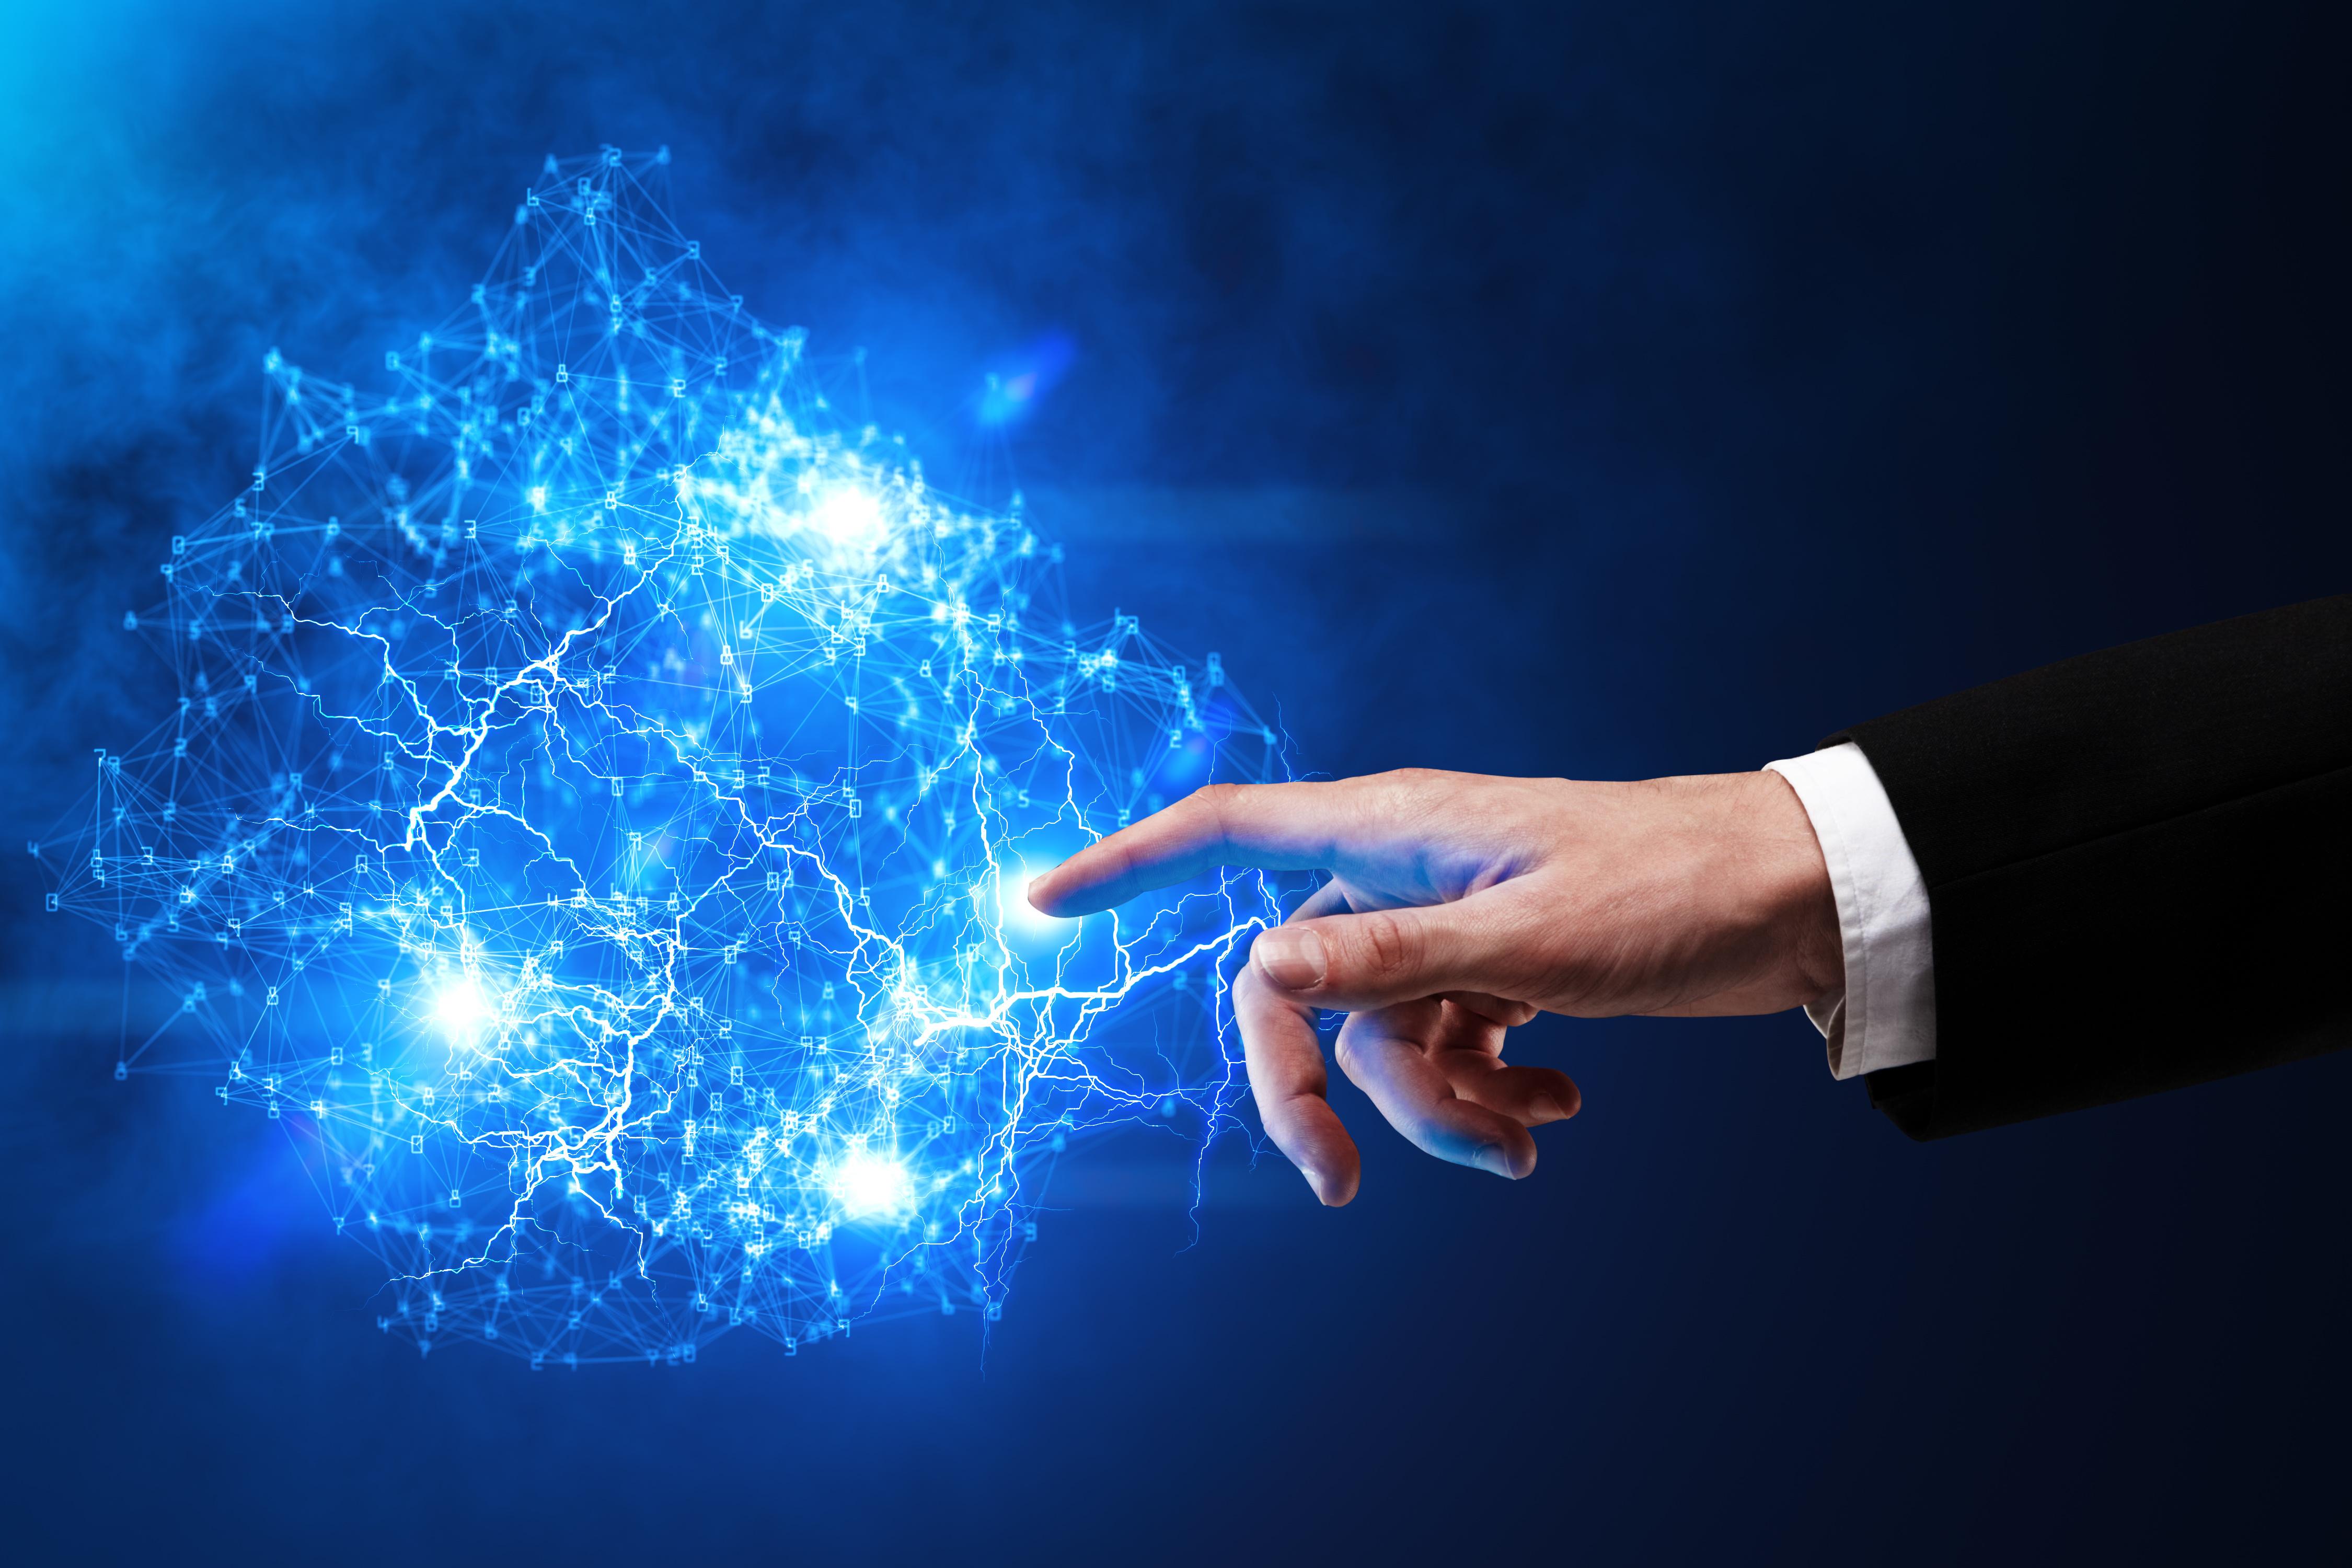 vaultoro-lightning network-vaultoro-dinero-inversión-oro-trading